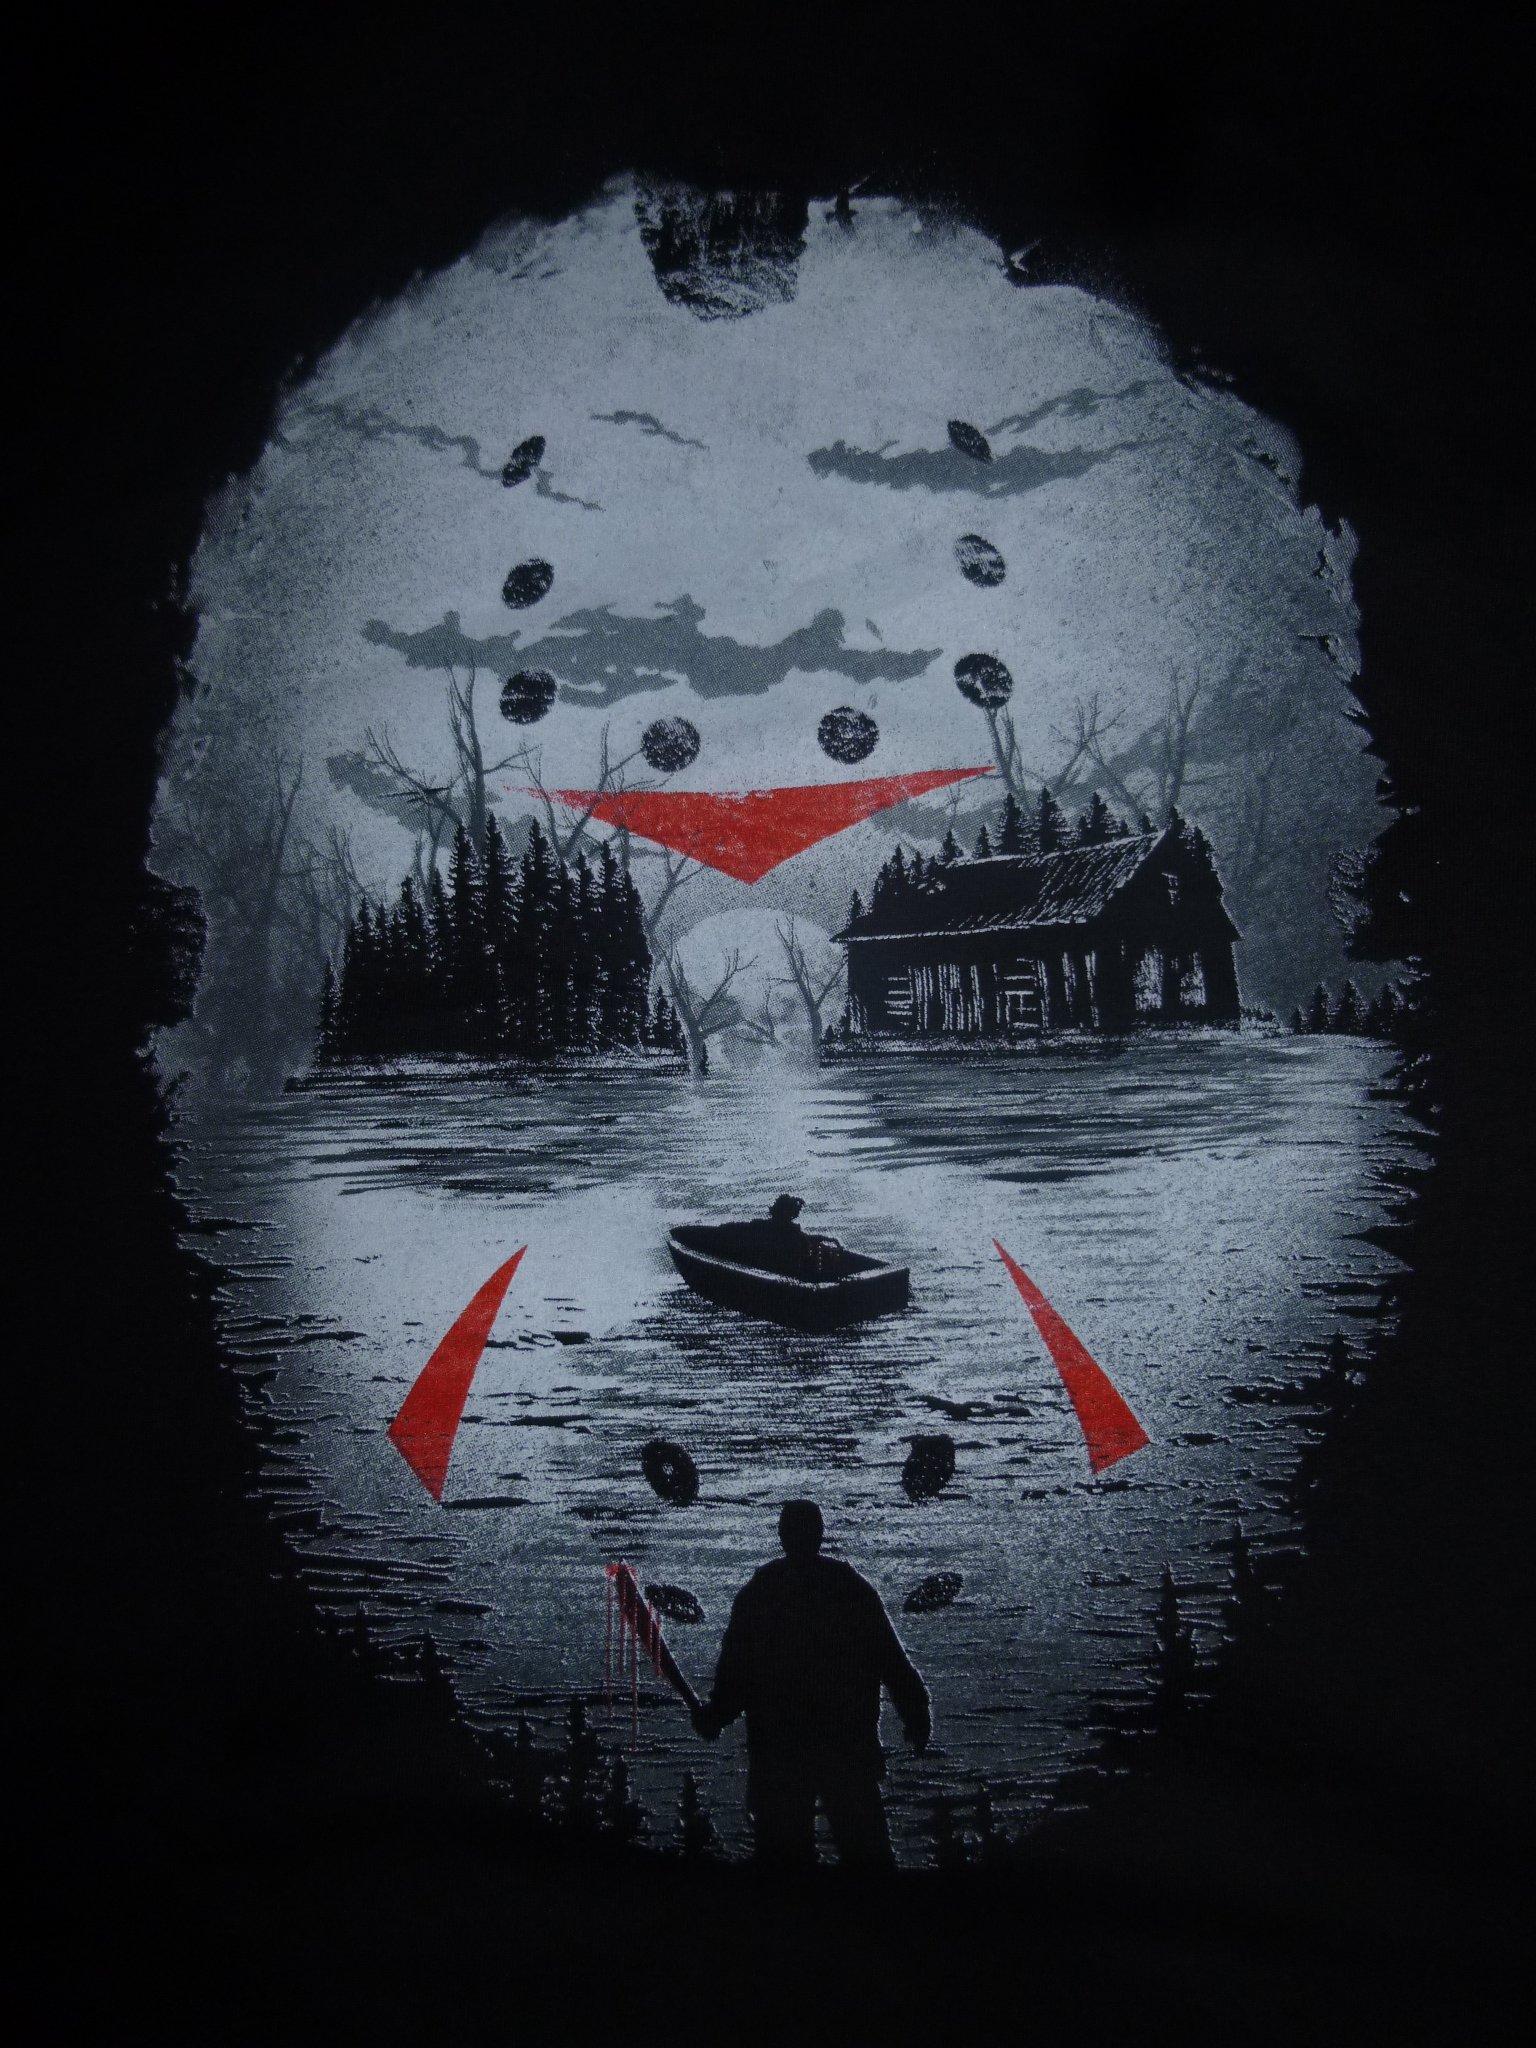 T-Shirt Friday Night Terror